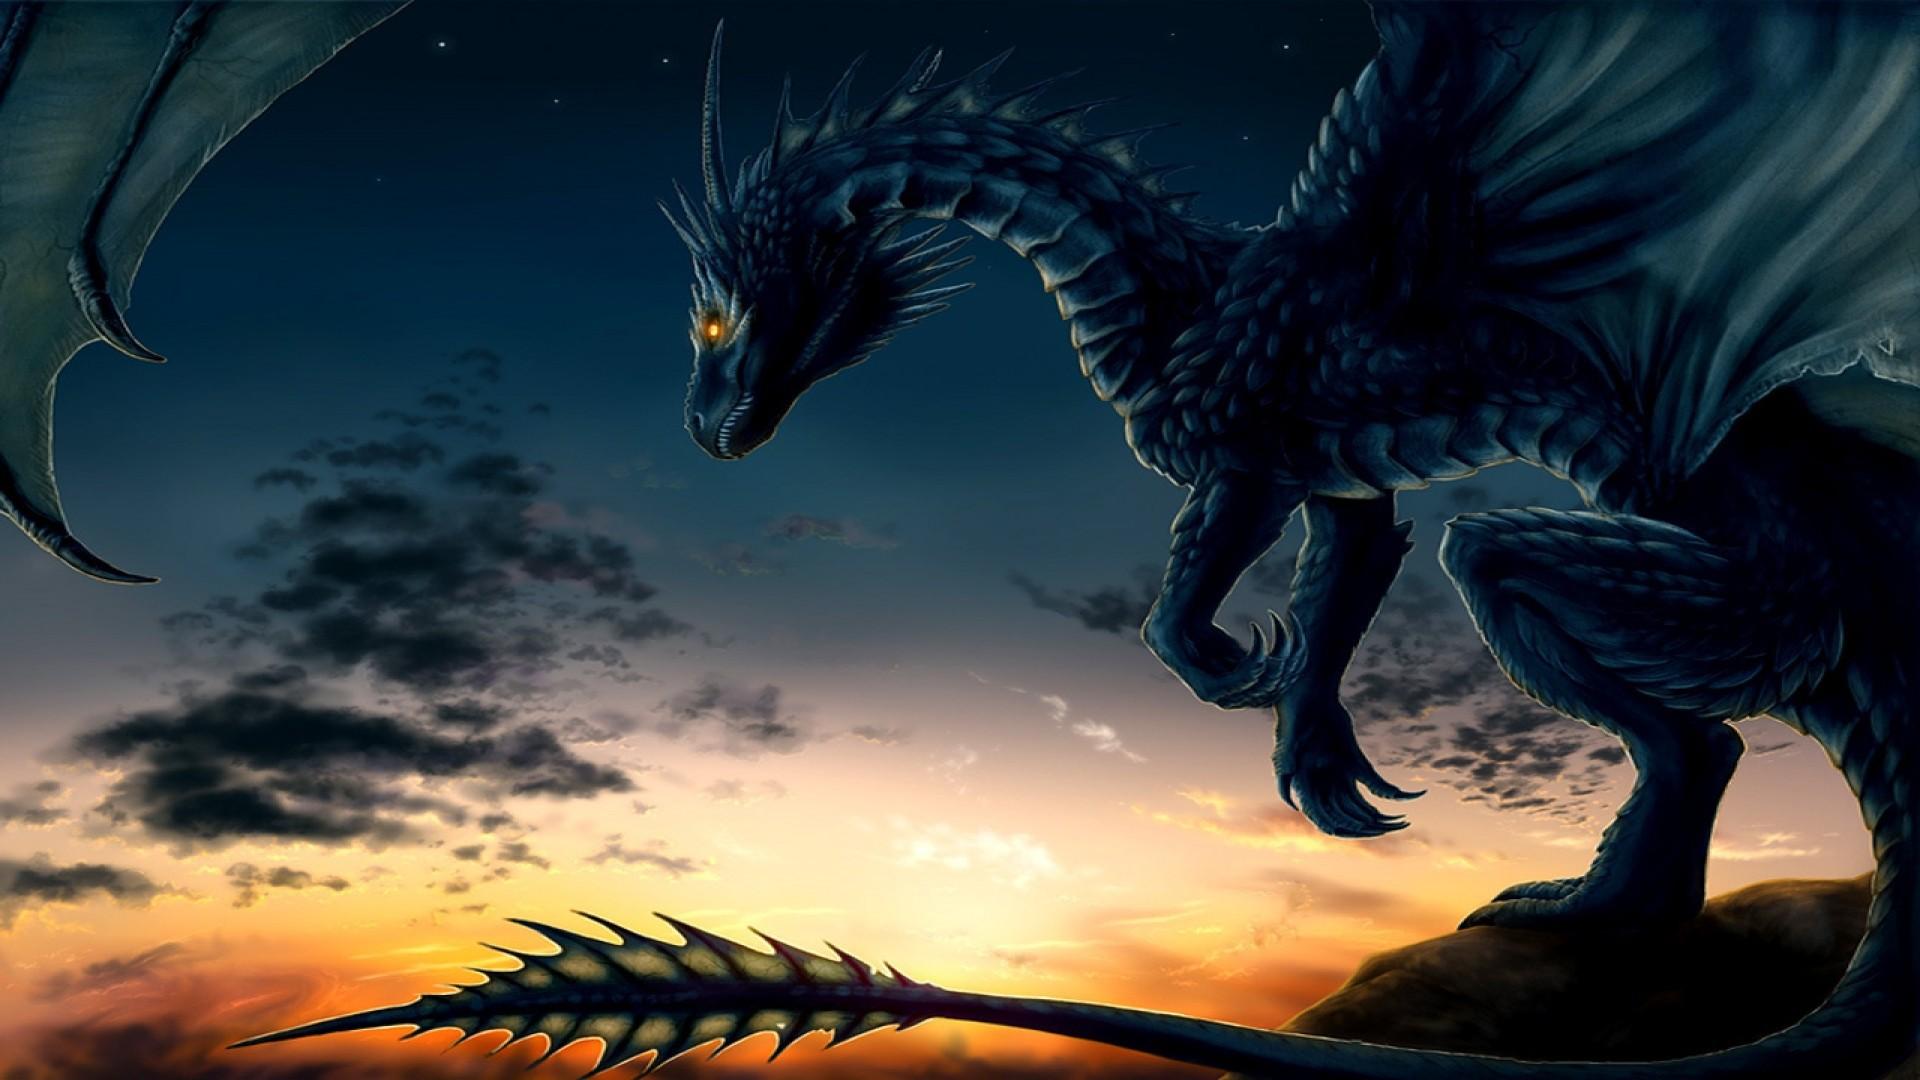 кожи картинки драконов красивые на рабочий жизнь